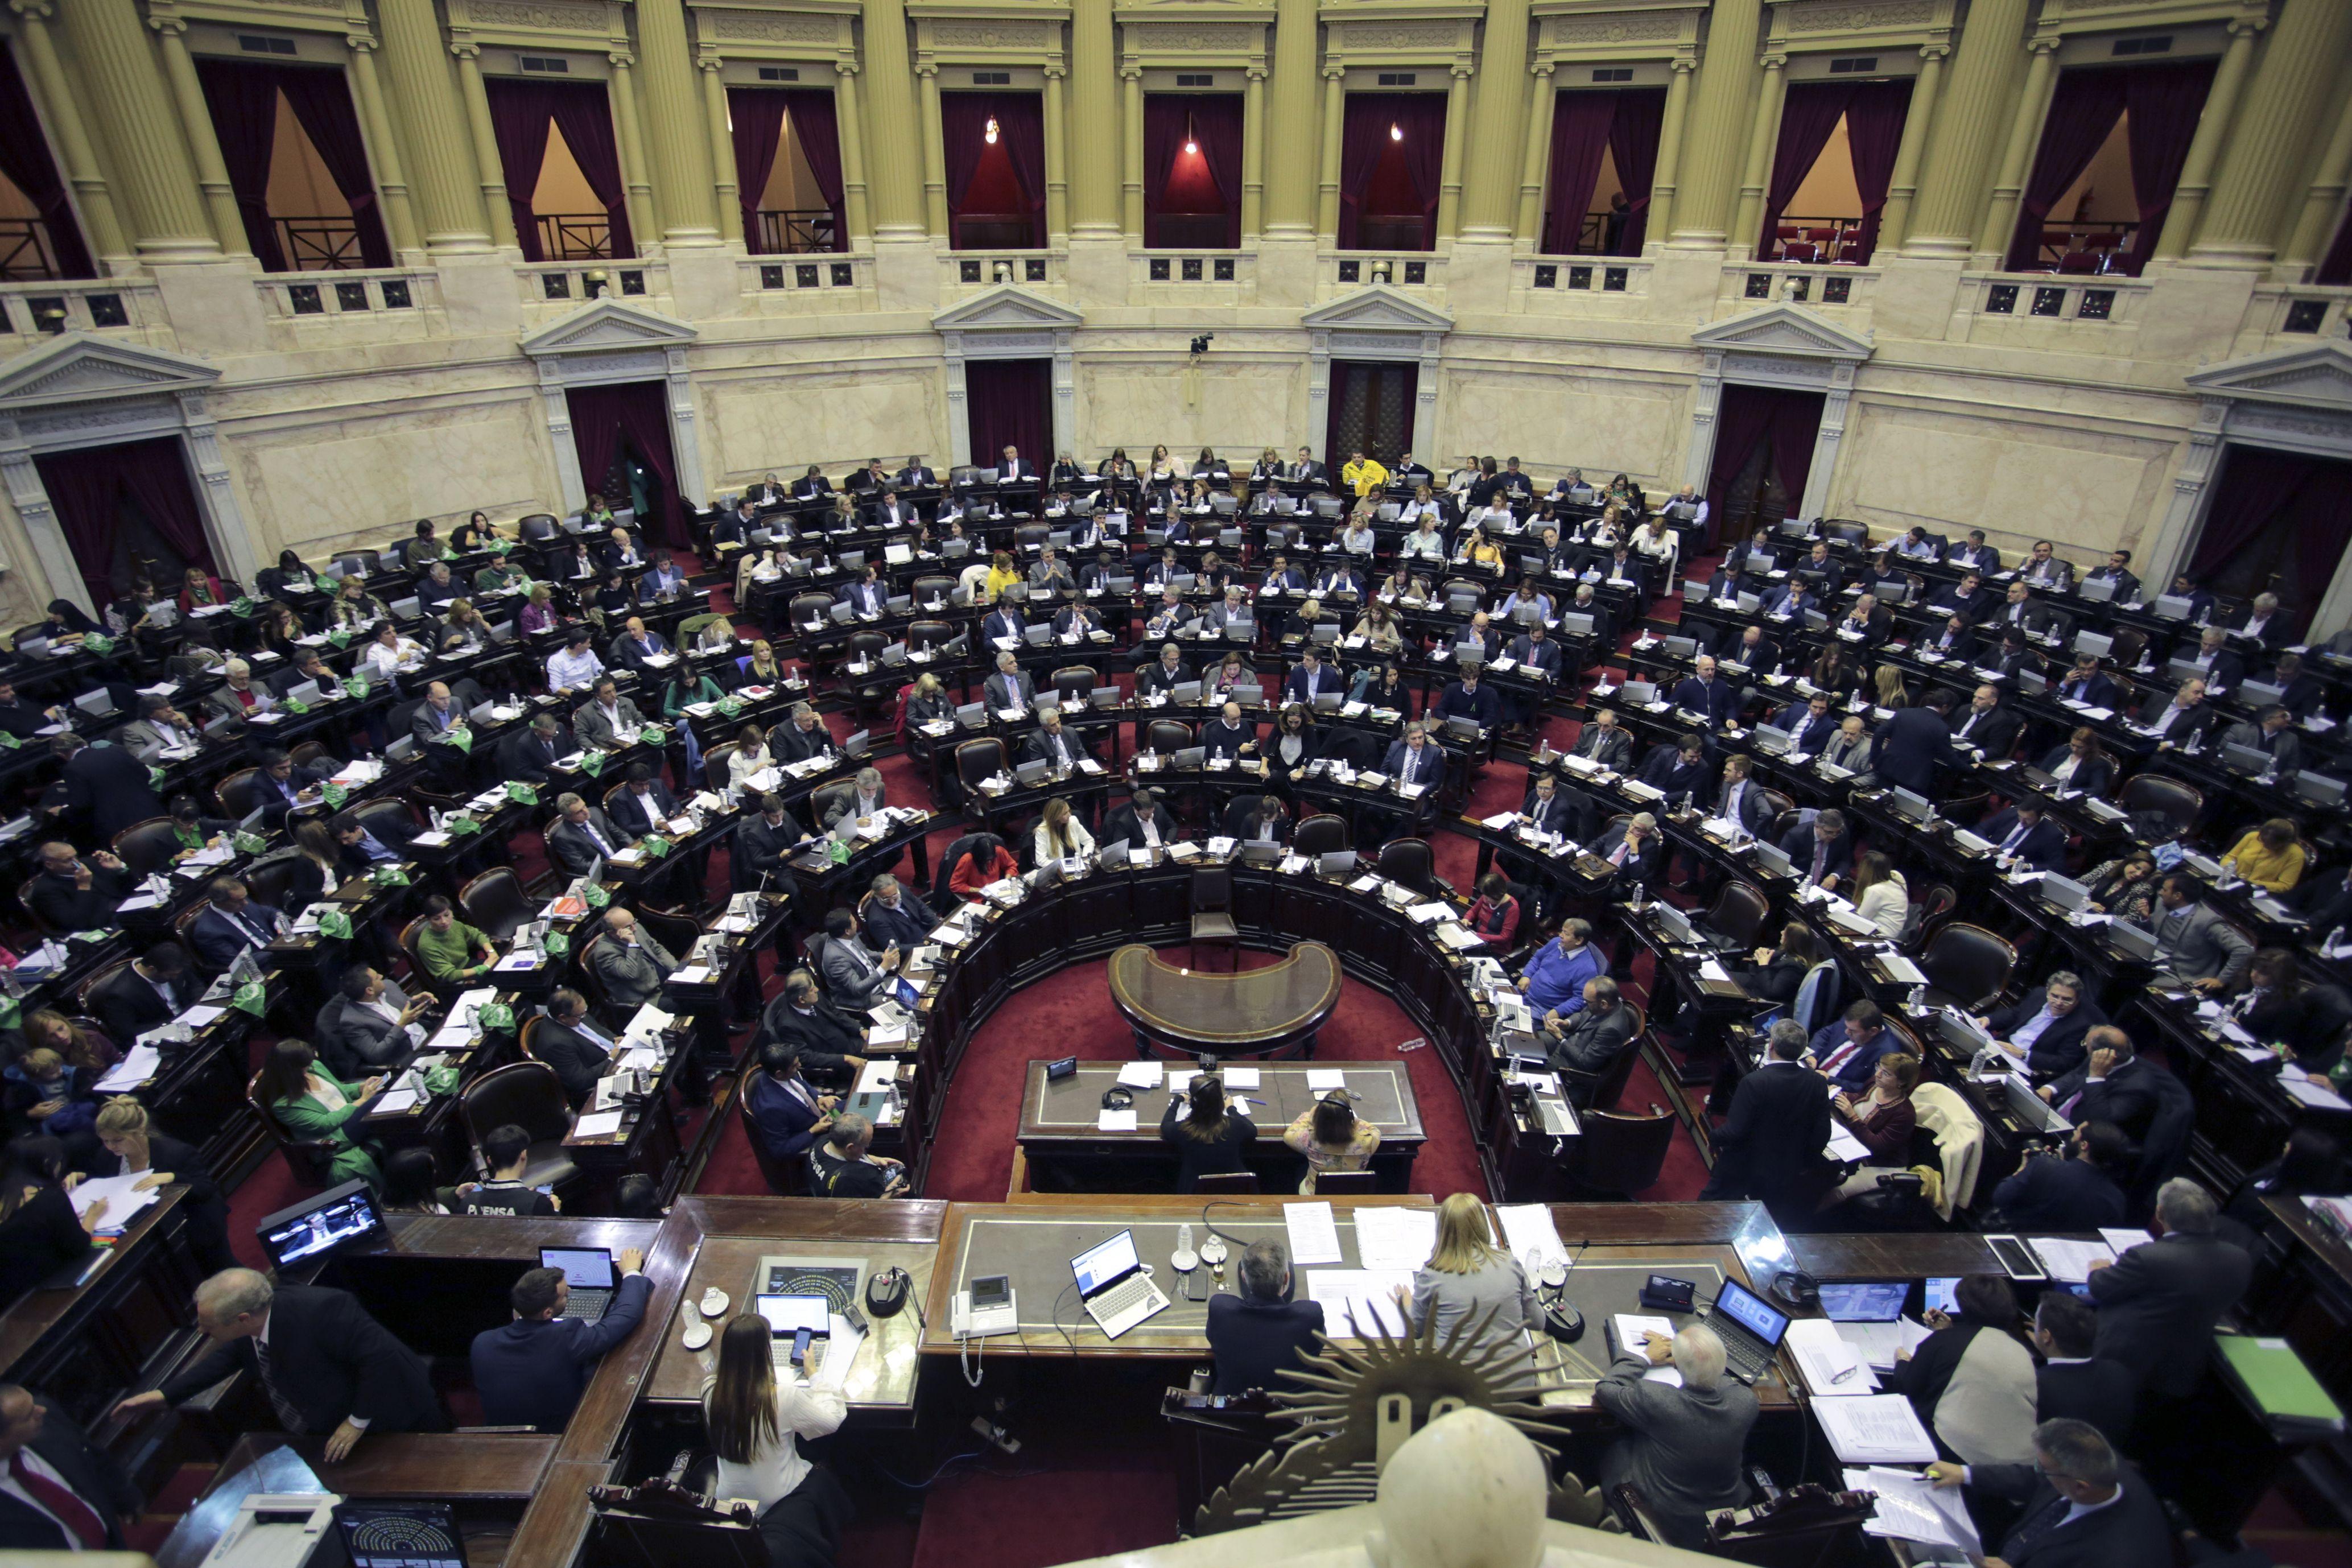 Así estaba la Cámara de Diputados en medio del debate por la despenalización del aborto